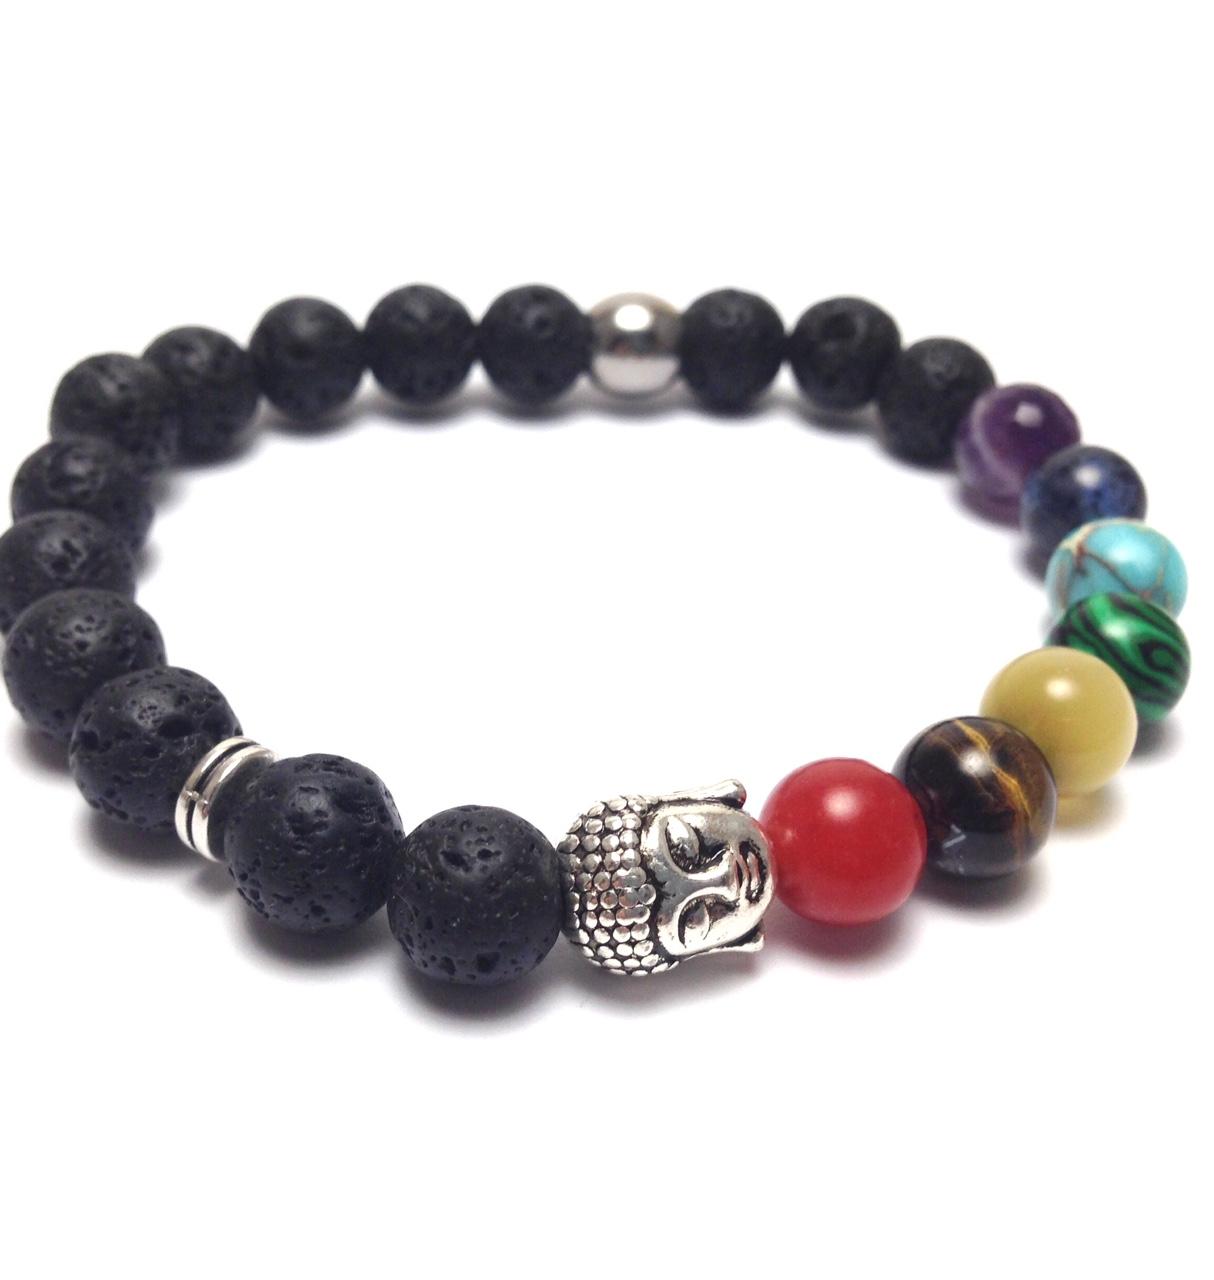 Chakra buddha lava beads bracelet